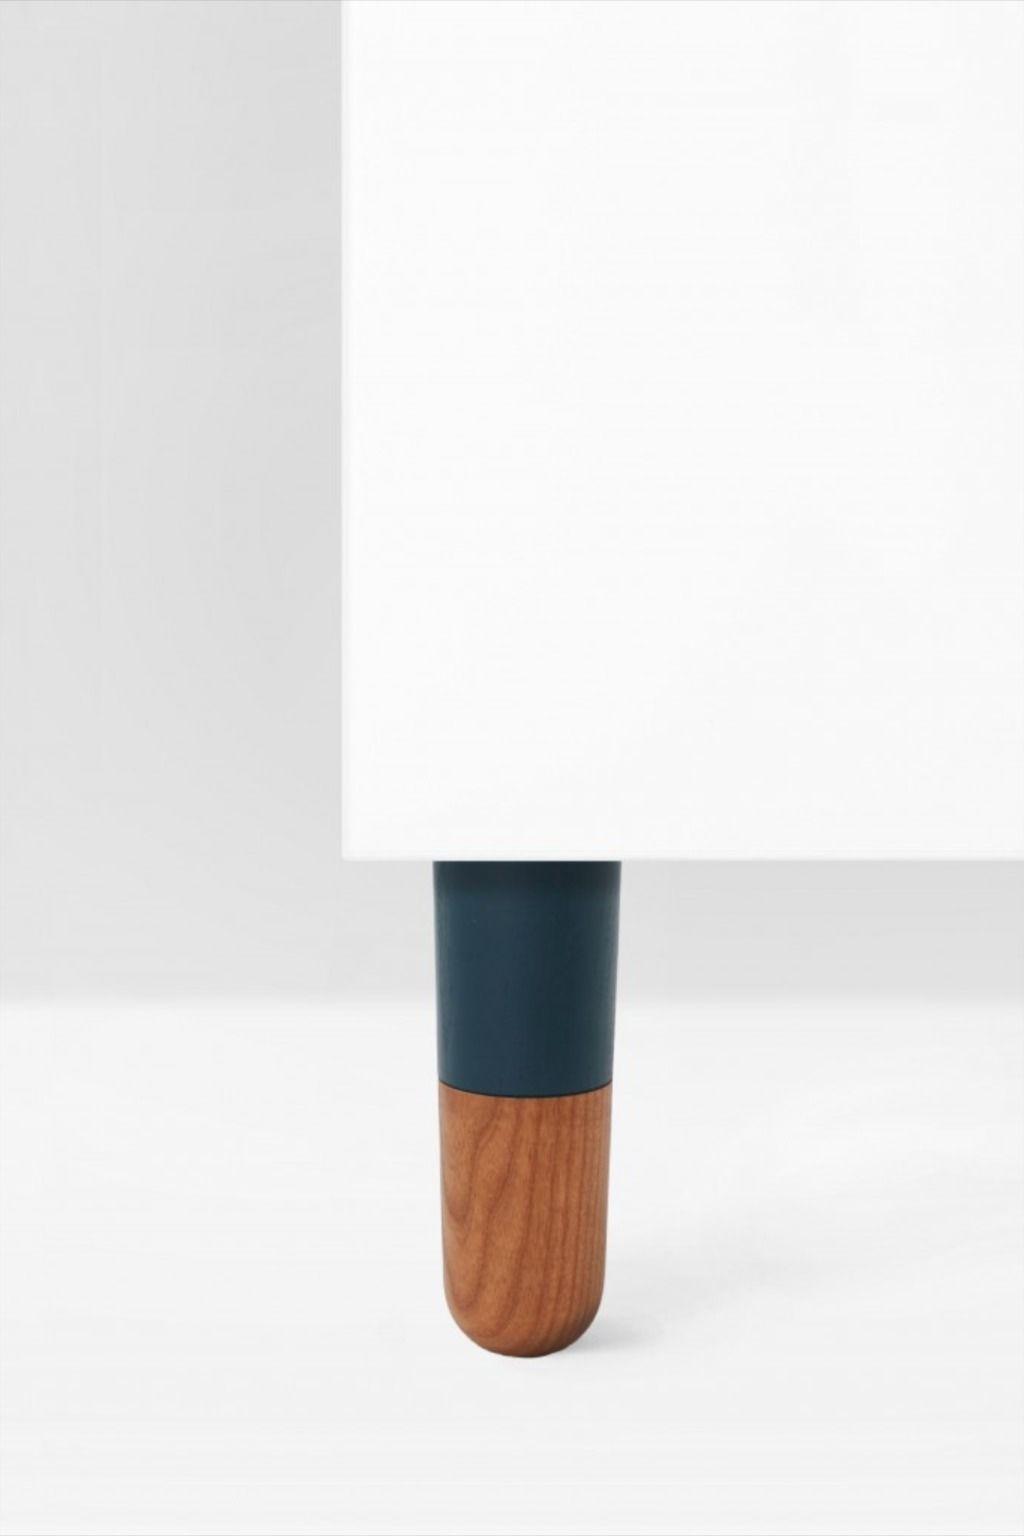 Svea 150 Furniture Legs Sofa Legs Bed Legs Cabinet Legs In 2020 Furniture Legs Wooden Furniture Legs Replacement Furniture Legs